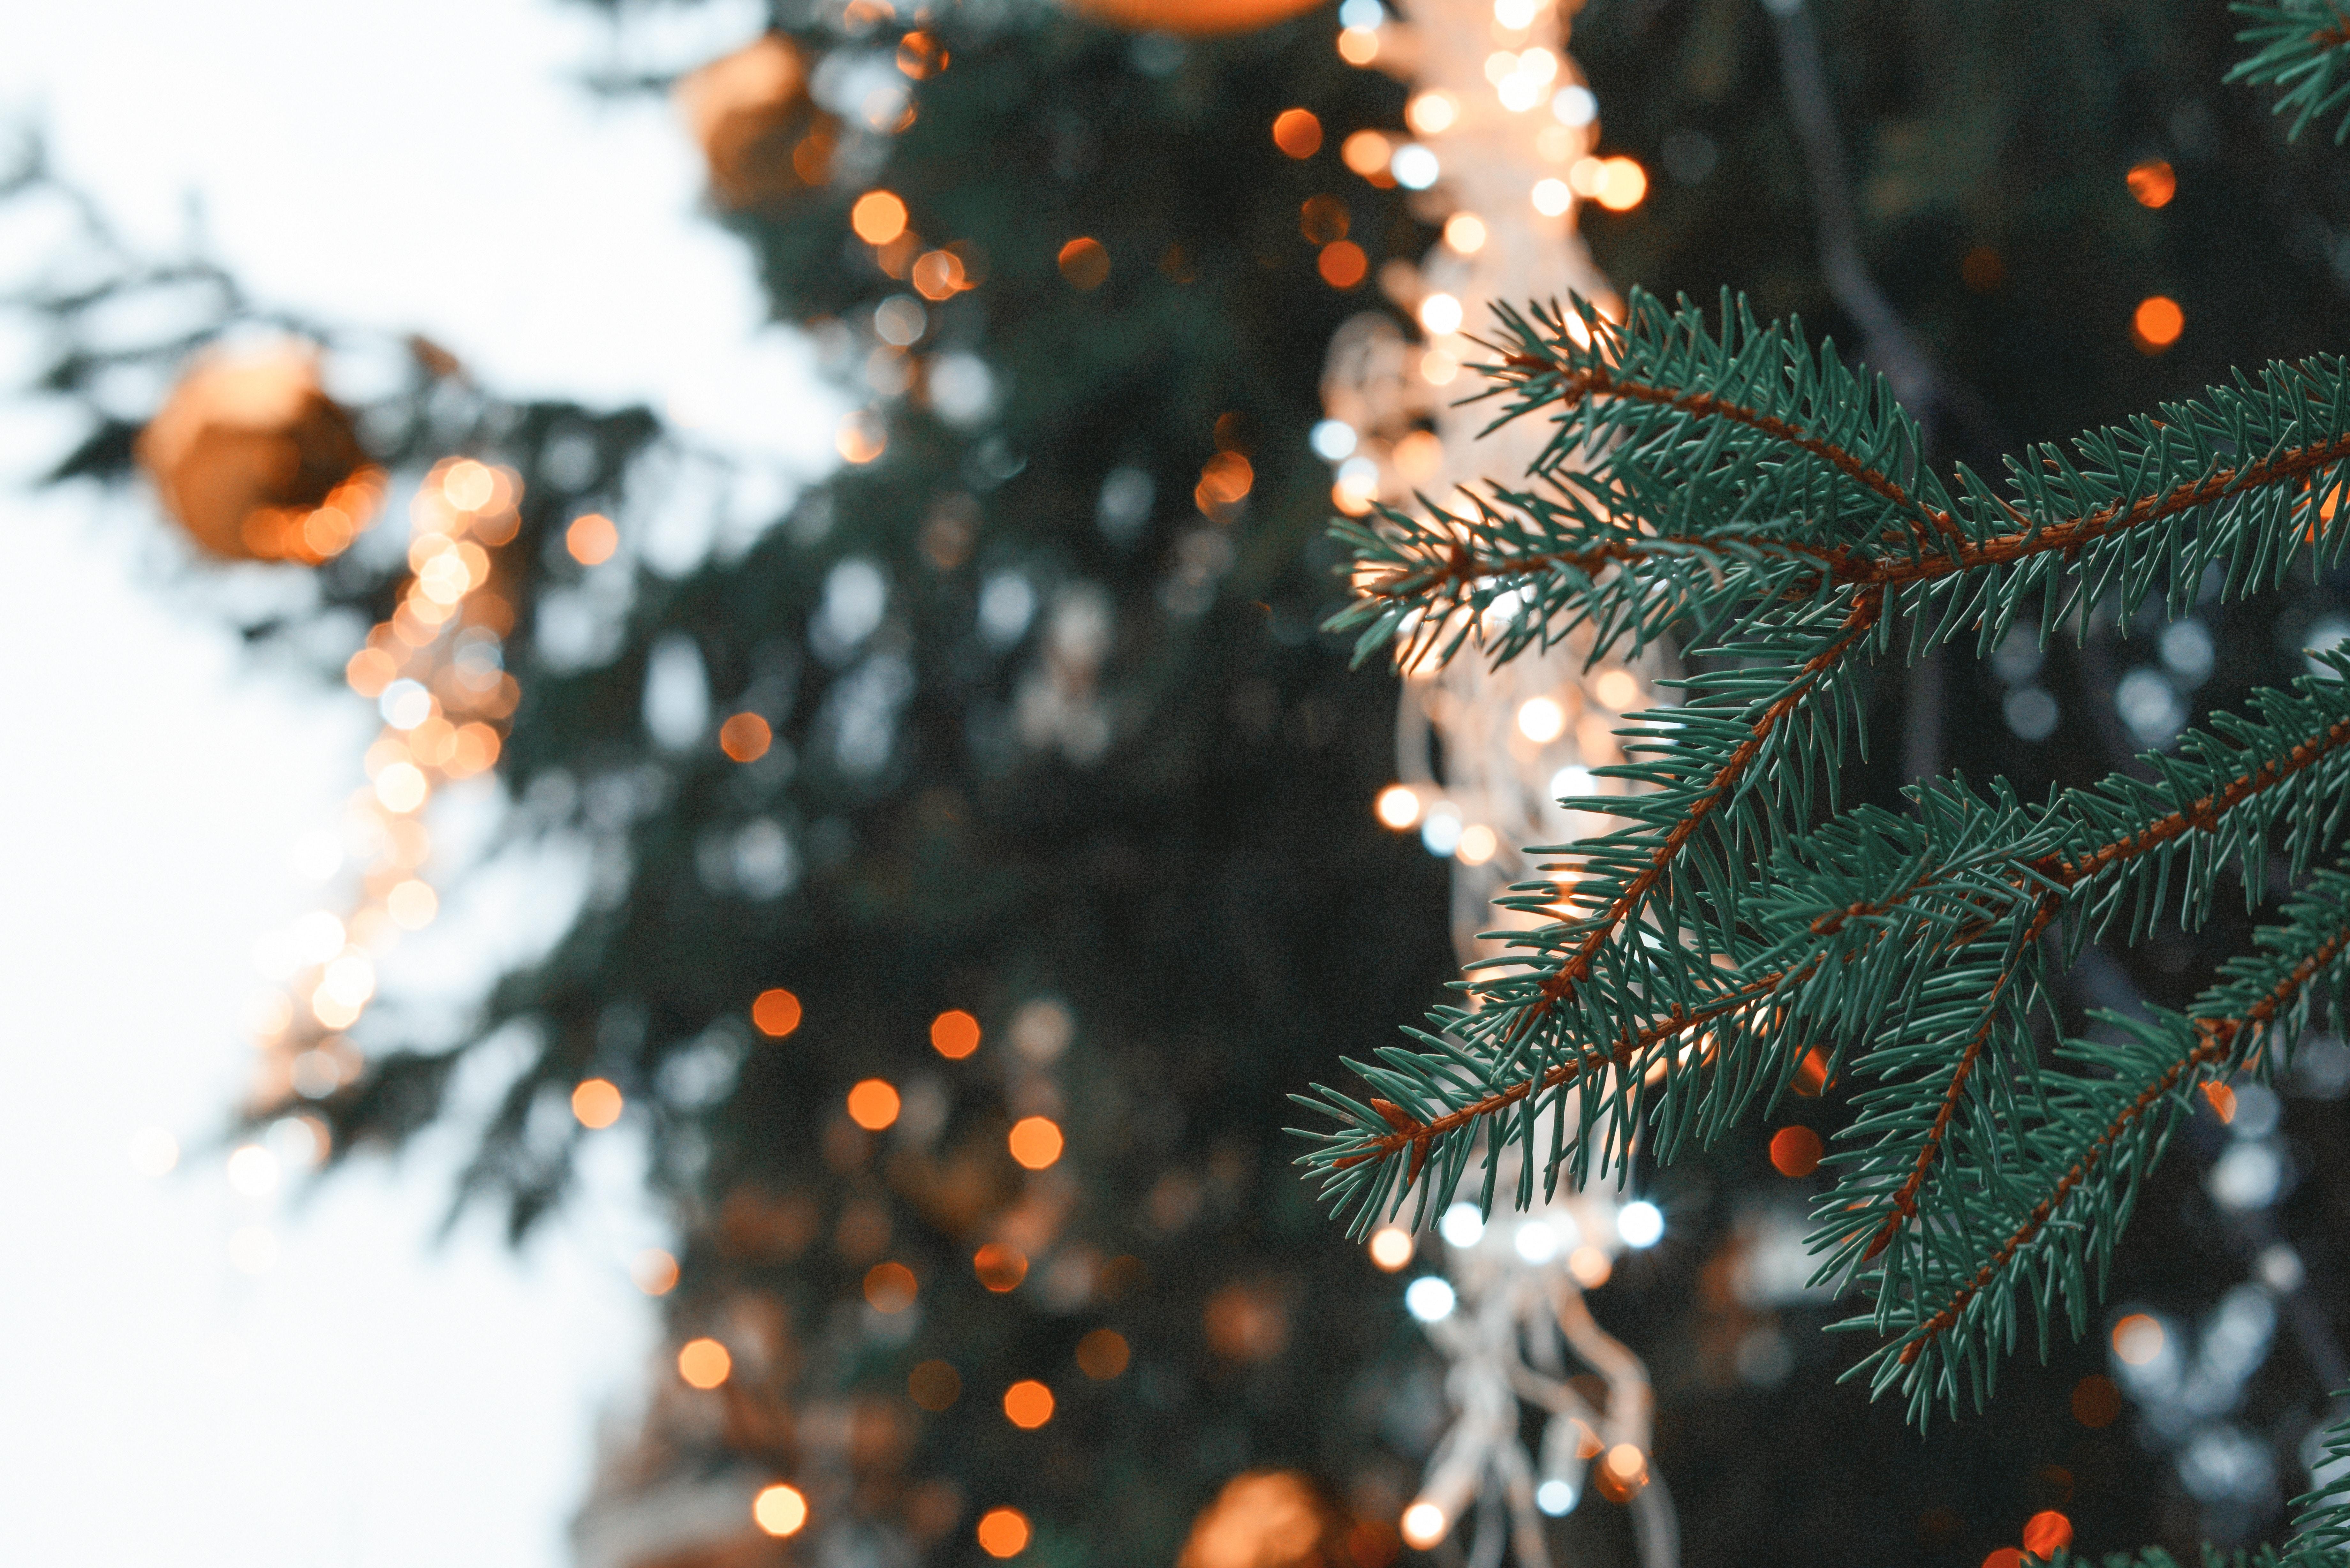 70516 Salvapantallas y fondos de pantalla Año Nuevo en tu teléfono. Descarga imágenes de Naturaleza, Abeto, Rama, Aguja, Navidad, Año Nuevo, Destello, Deslumbramiento gratis